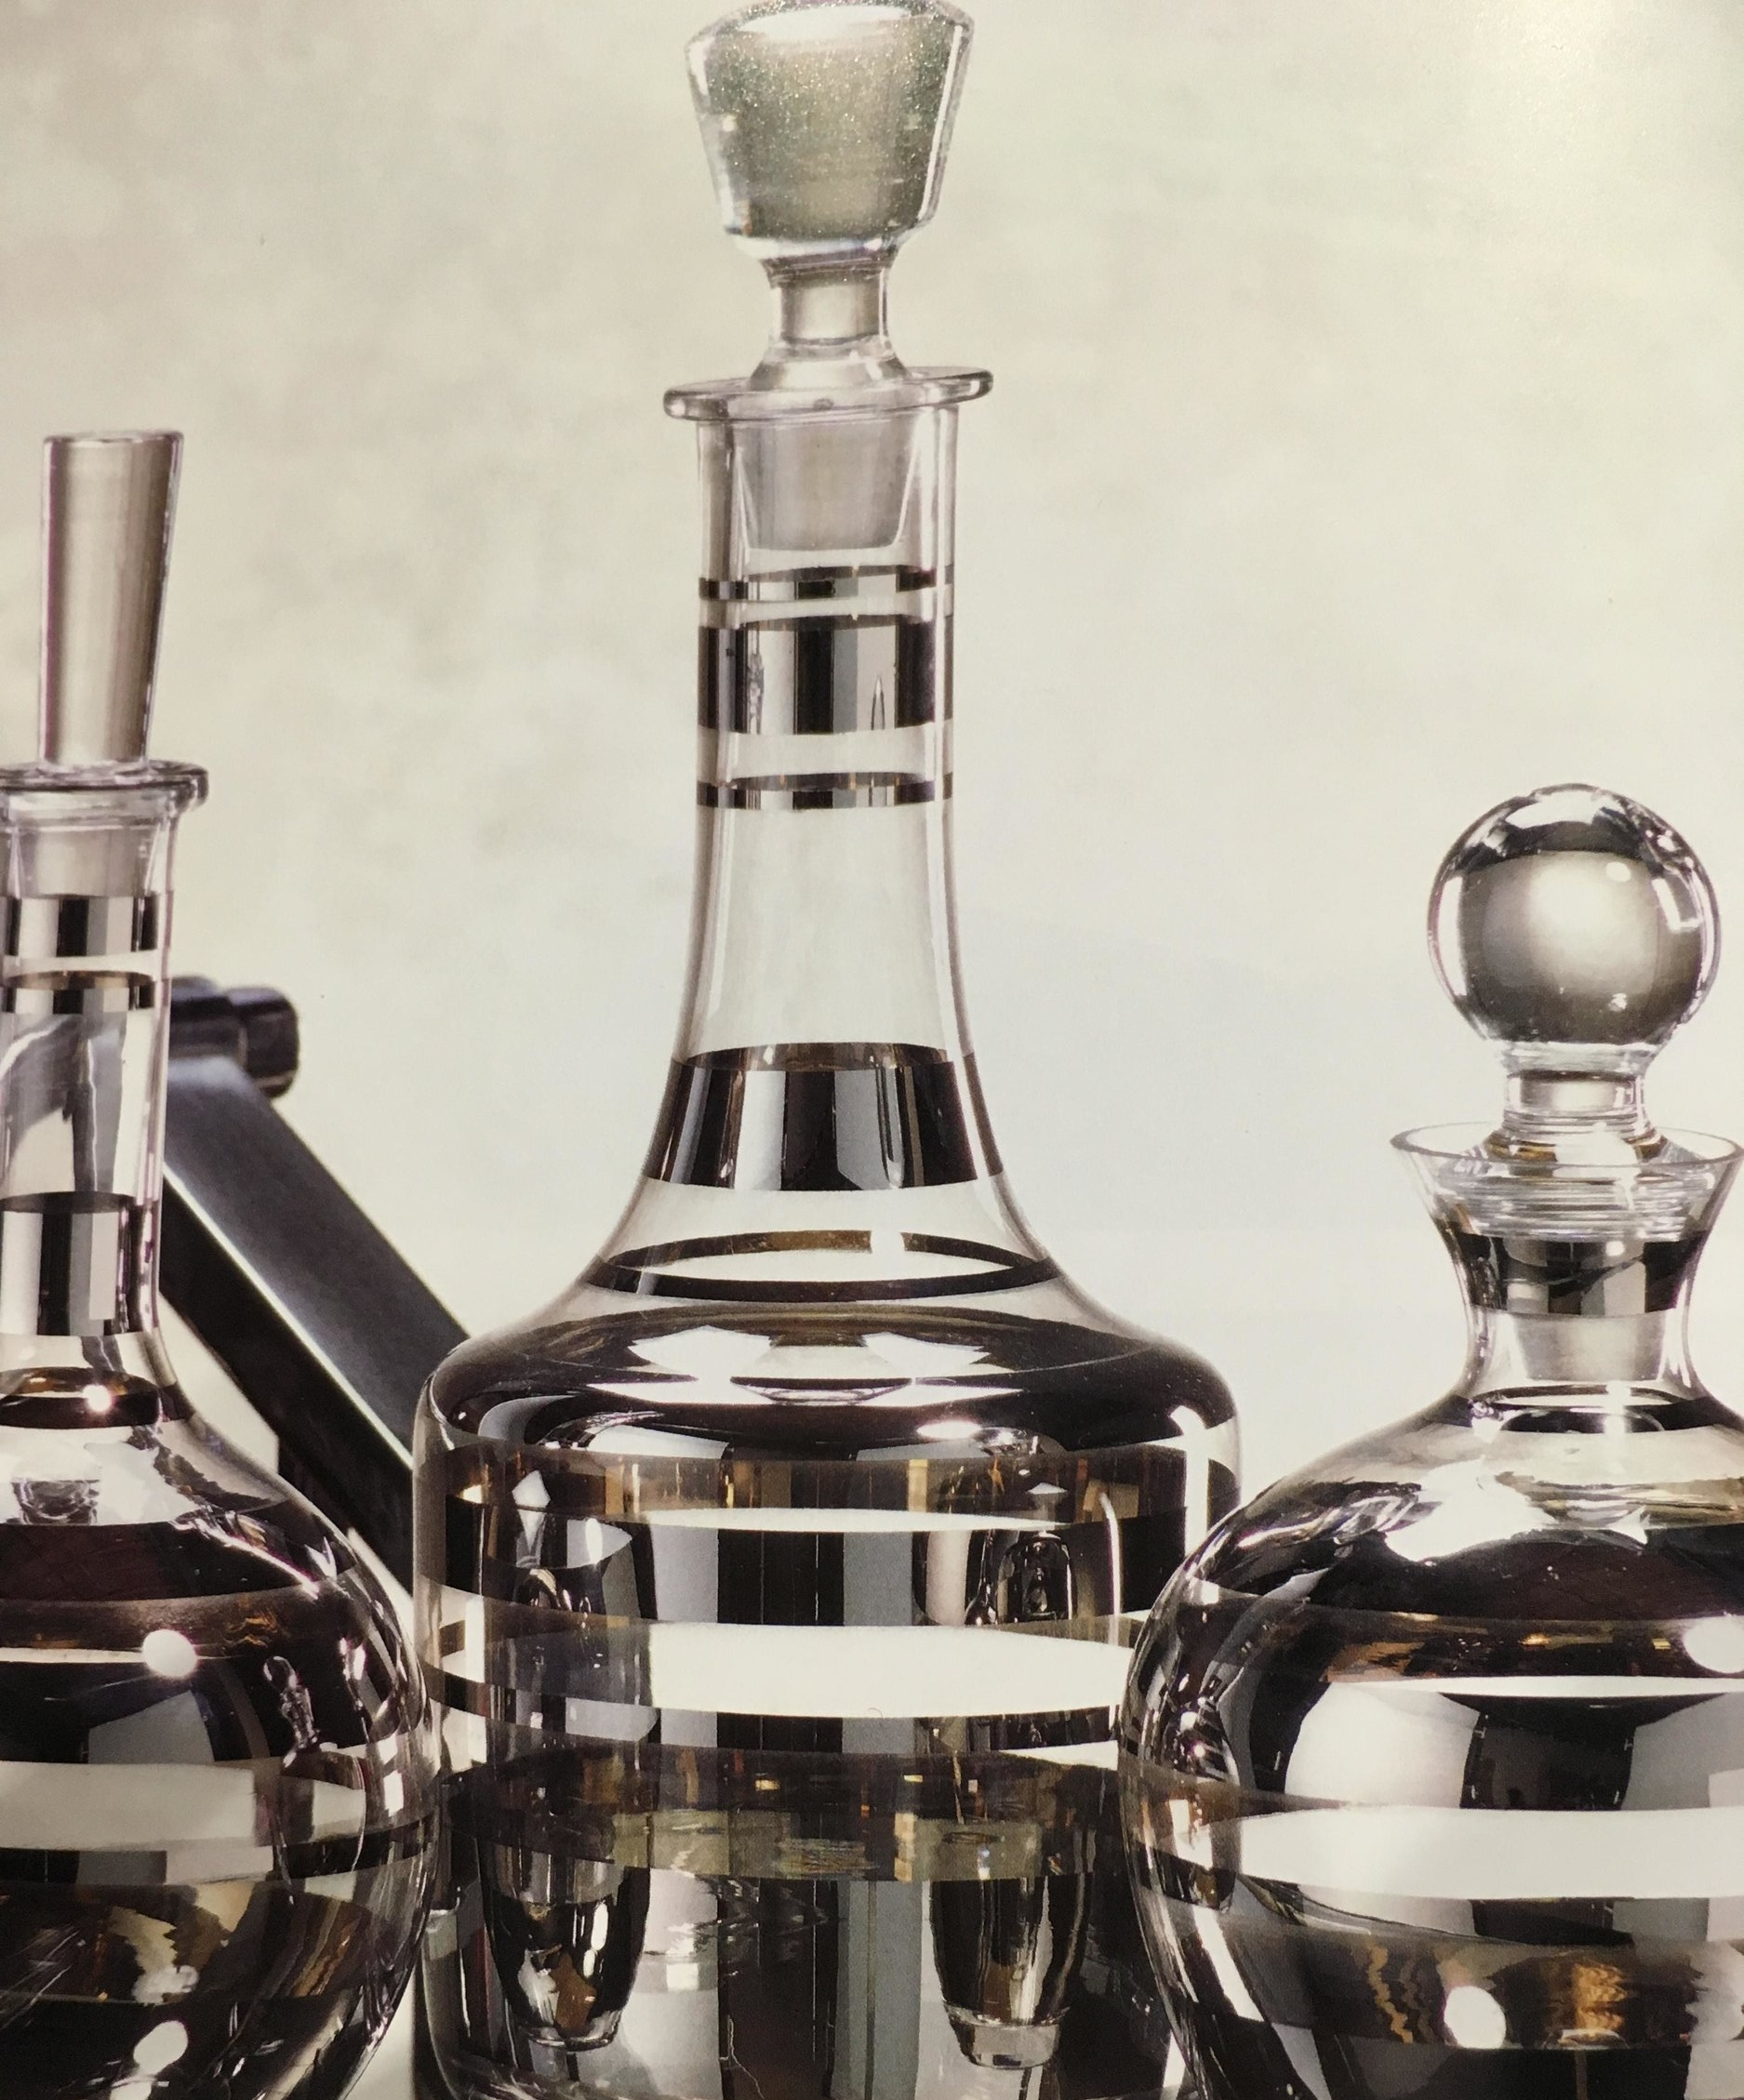 Order Number. 3. Glass alcohol bottles